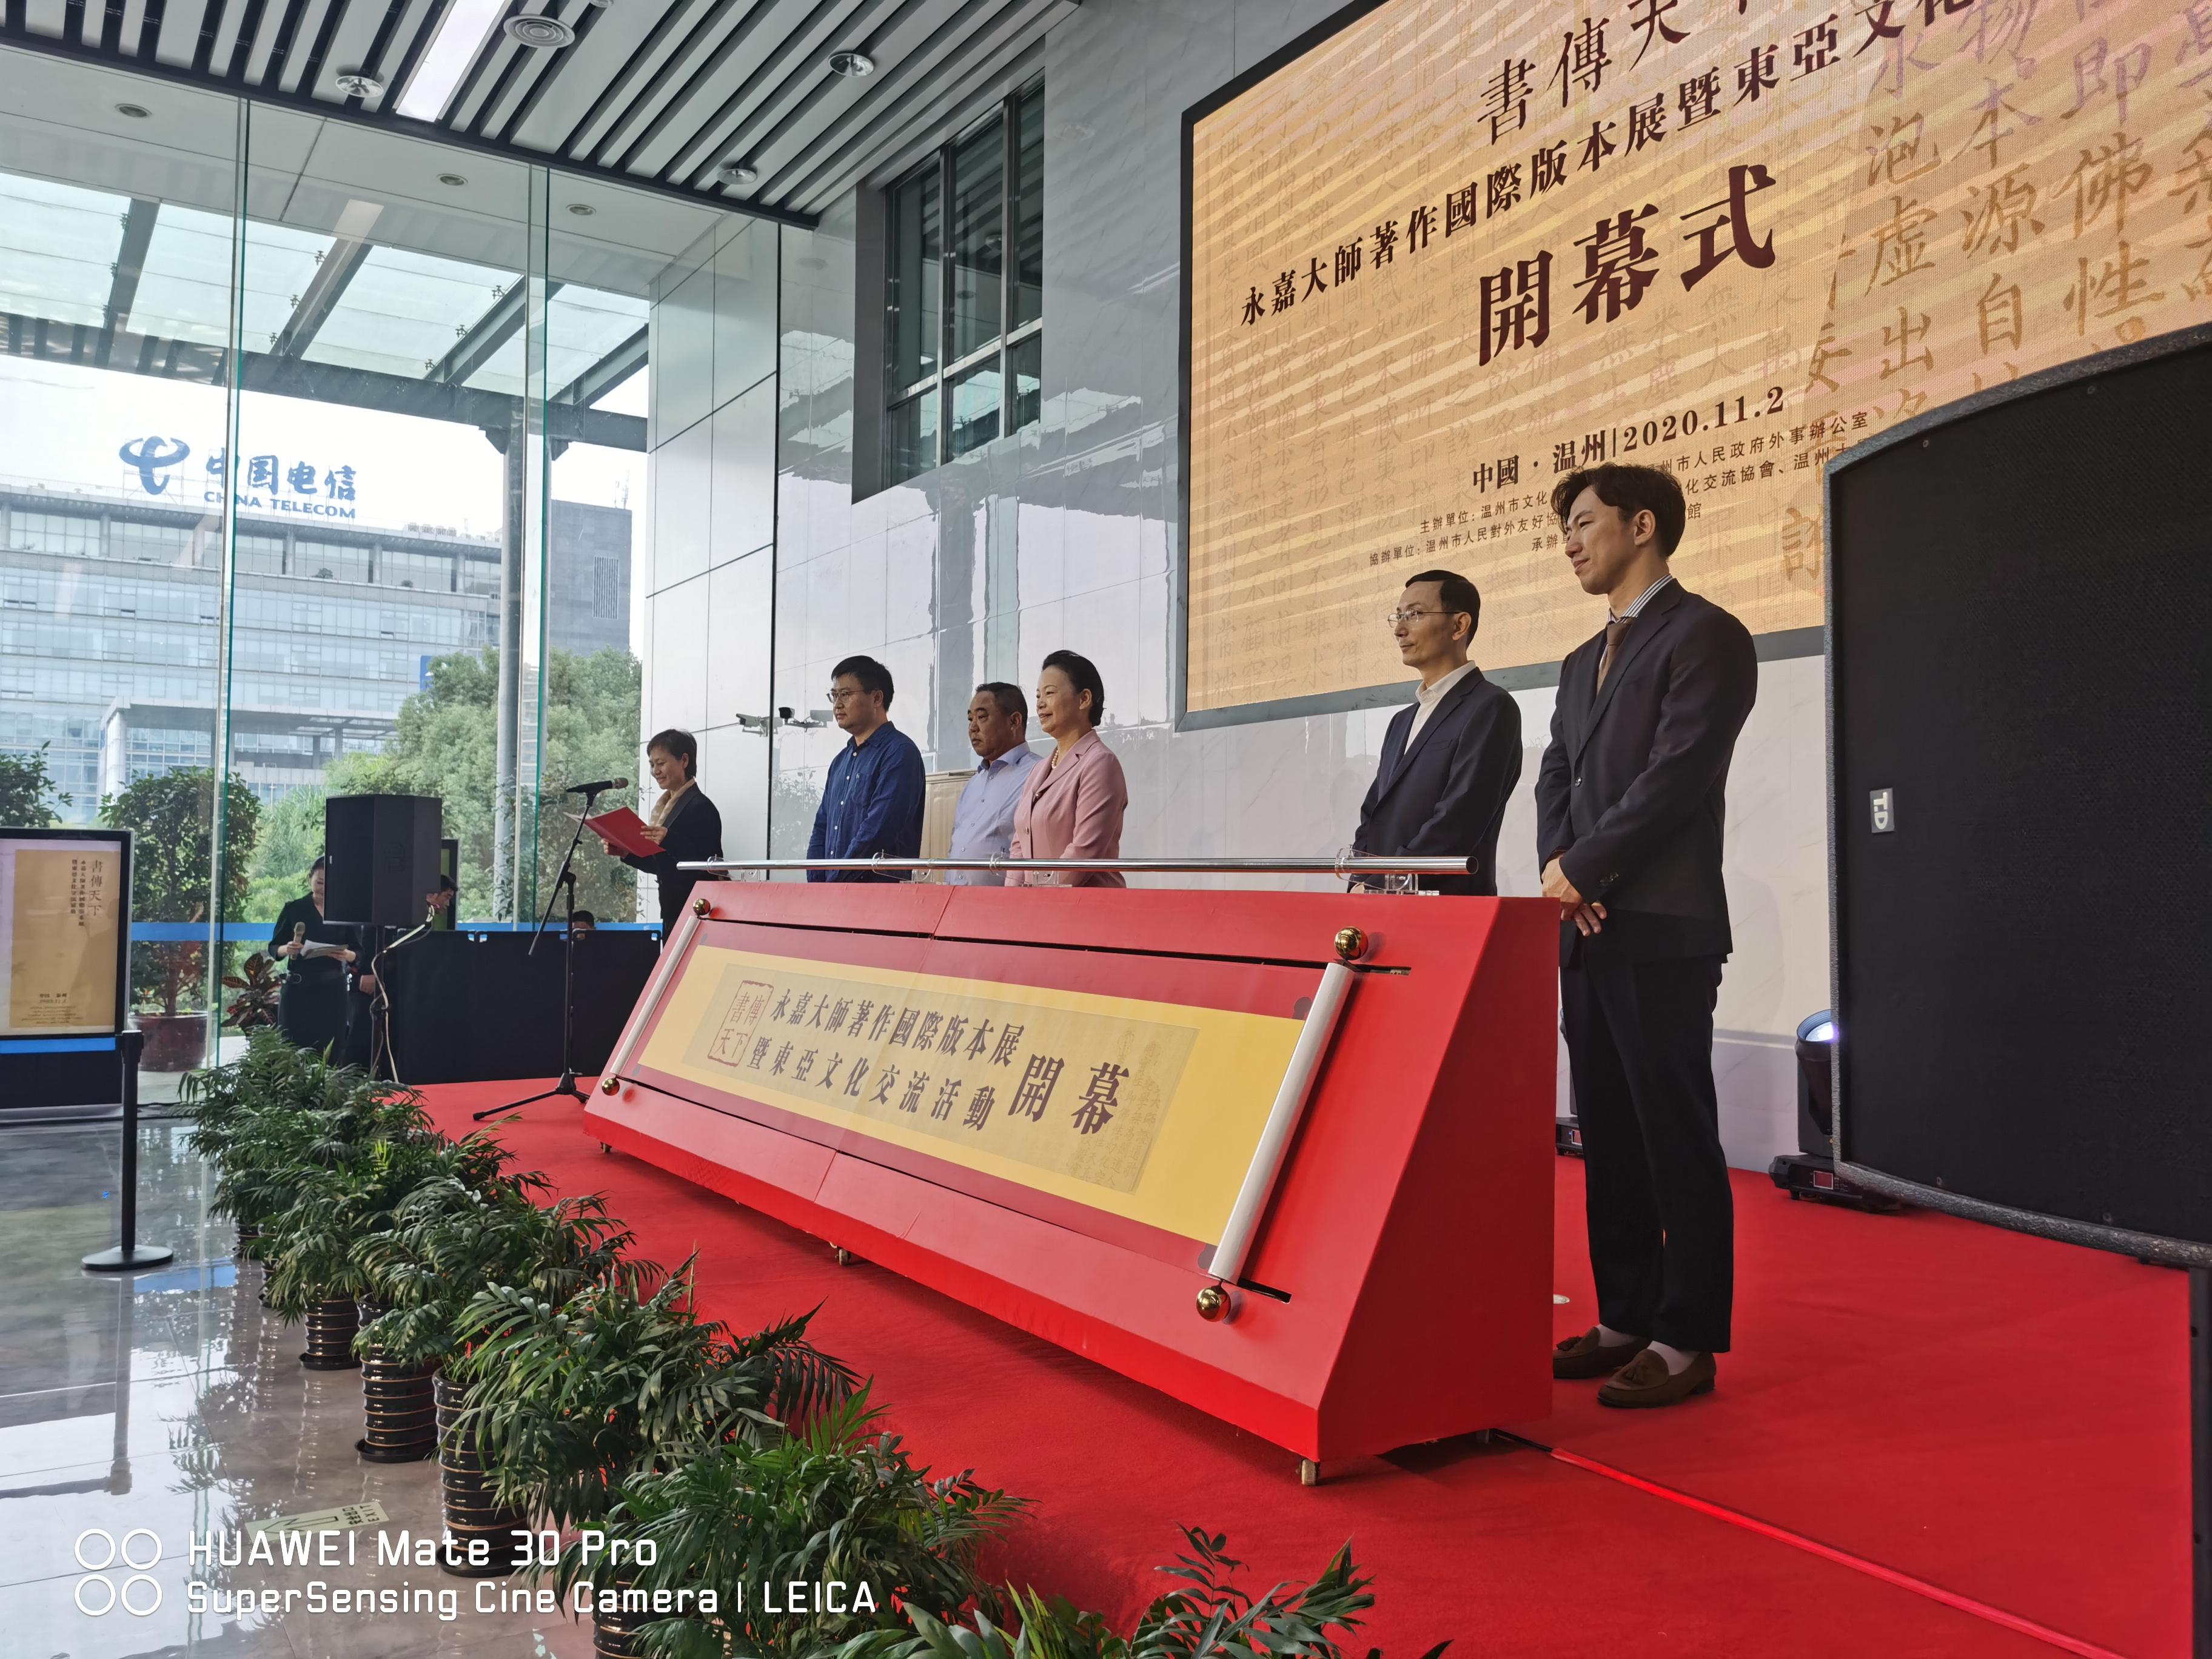 中日韩开展文化交流 永嘉大师著作国际版本展在温开幕